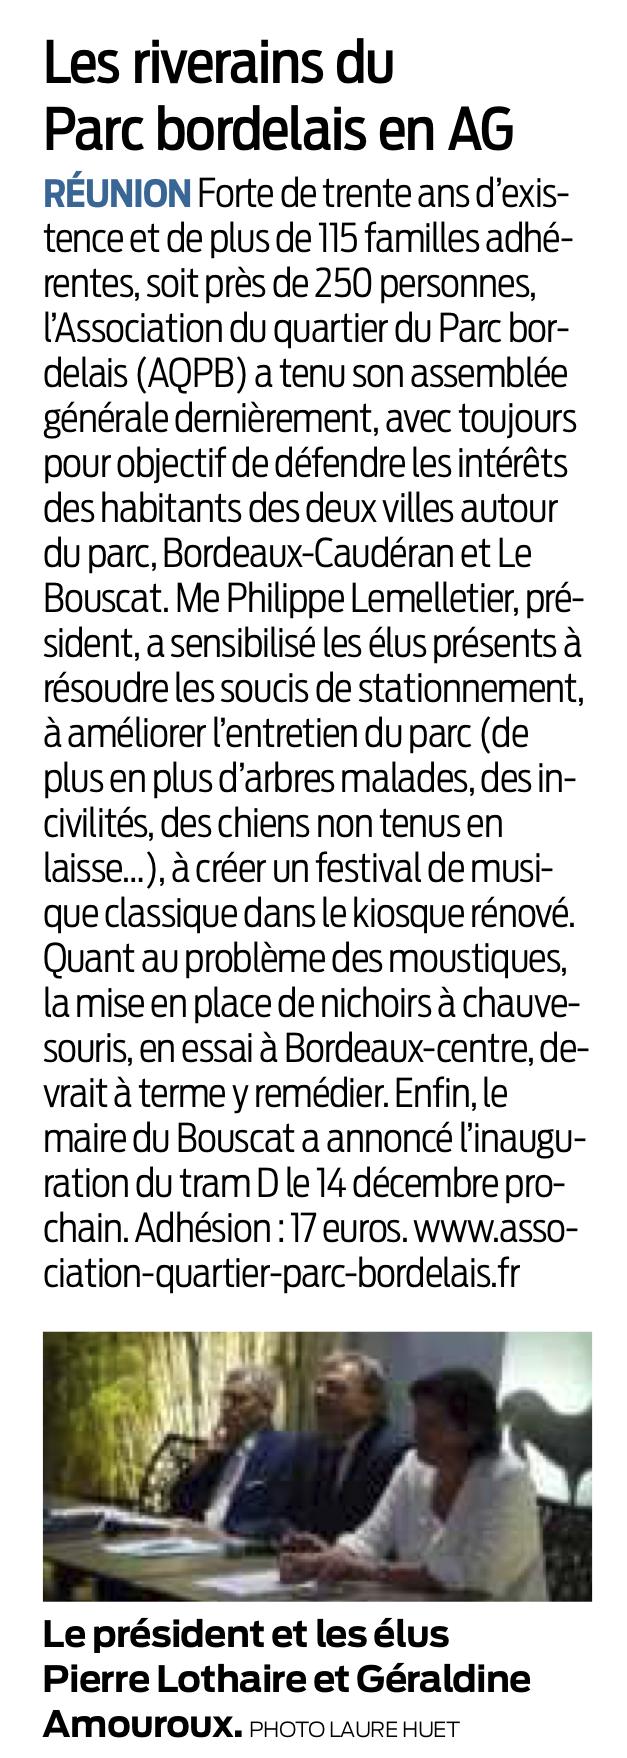 l'Association du quartier du Parc bor- delais (AQPB) a tenu son assemblée générale dernièrement, avec toujours pour objectif de défendre les intérêts des habitants des deux villes autour du parc, Bordeaux-Caudéran et Le Bouscat